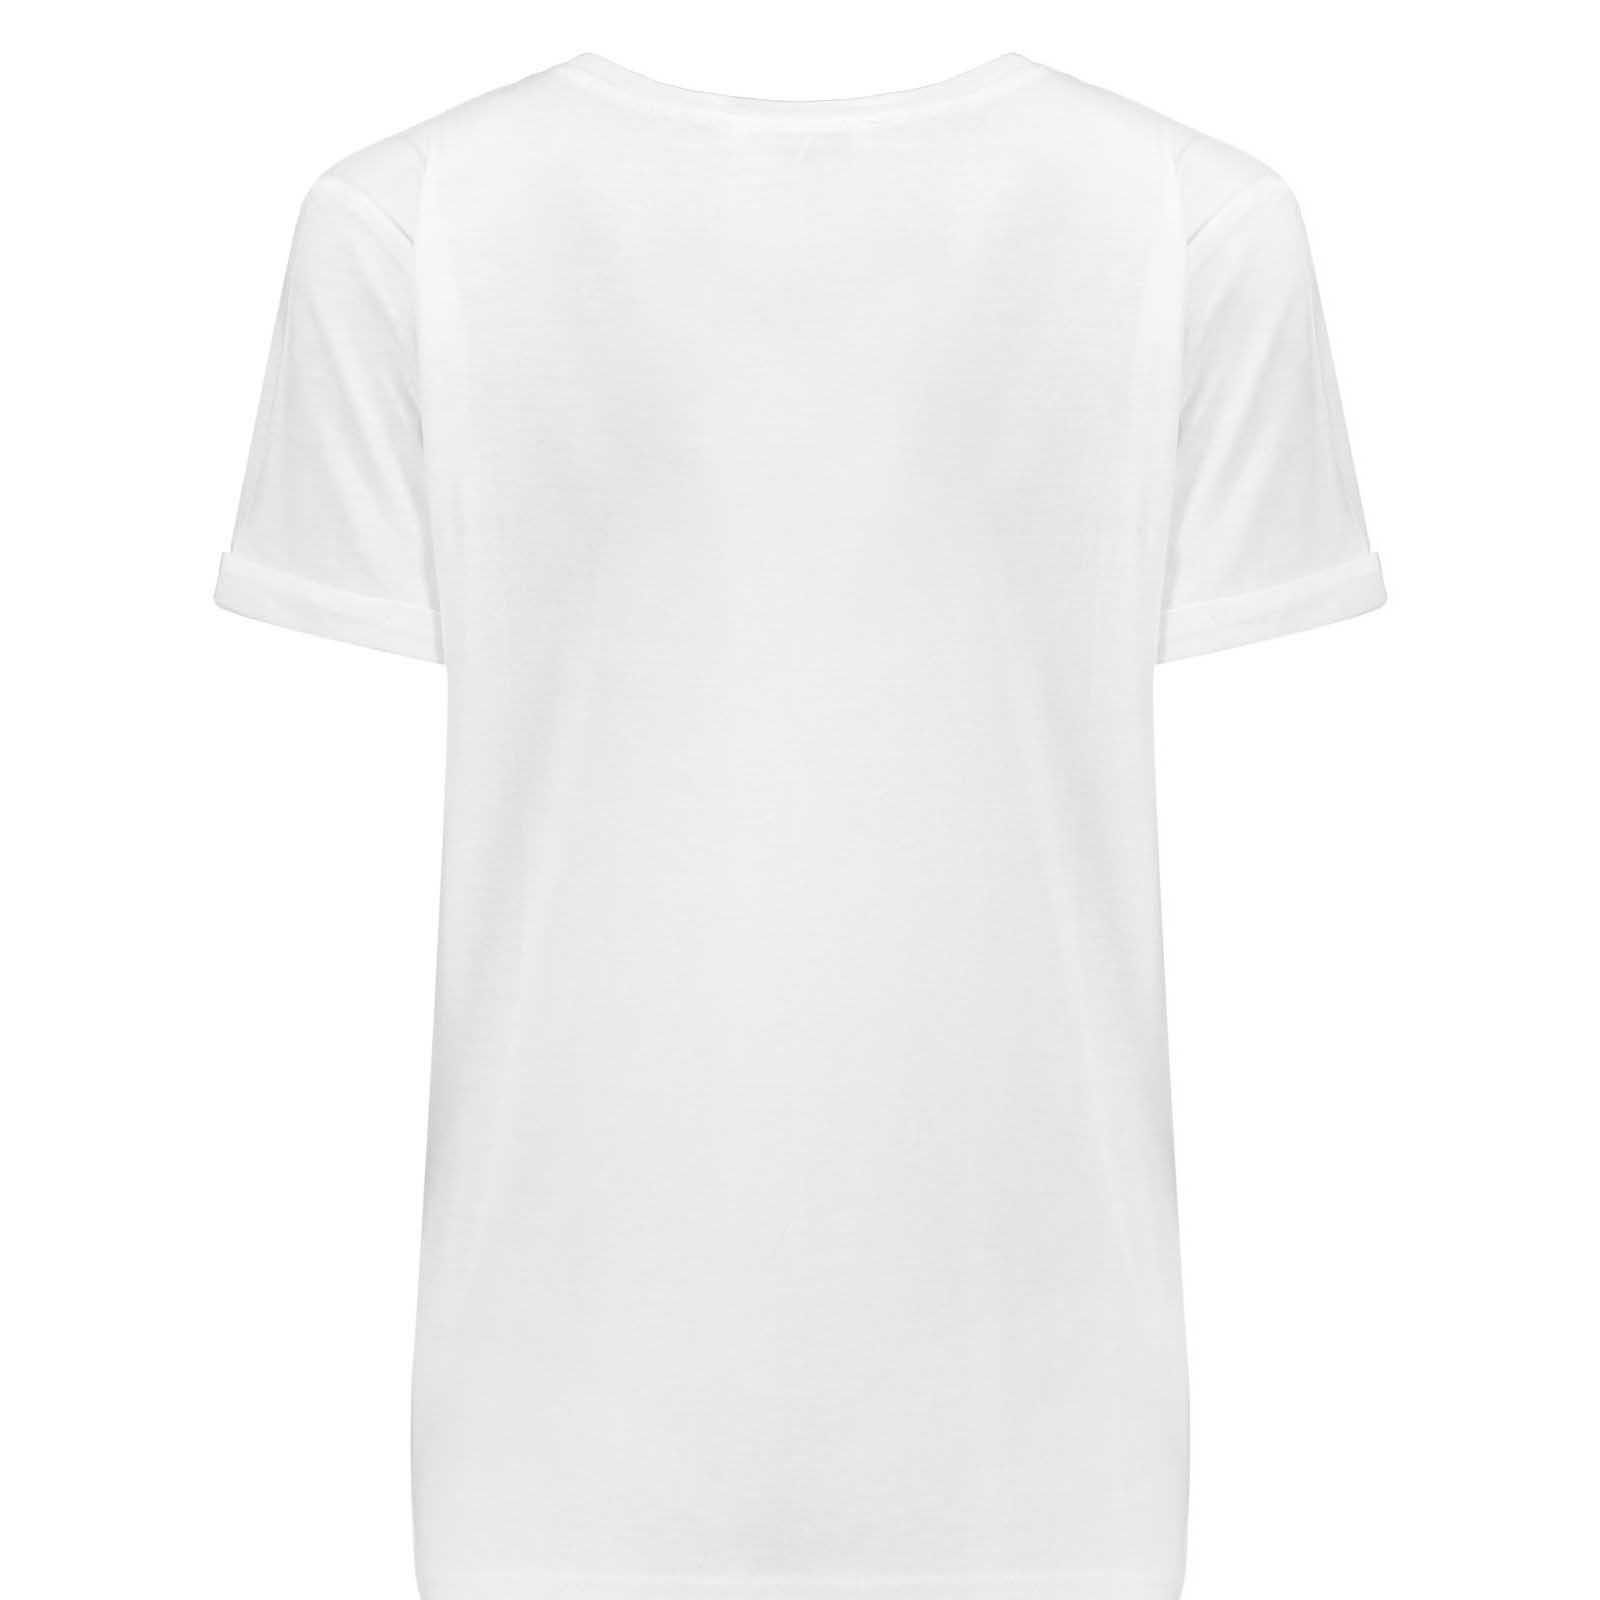 تیشرت آستین کوتاه زنانه کد b25 رنگ سفید